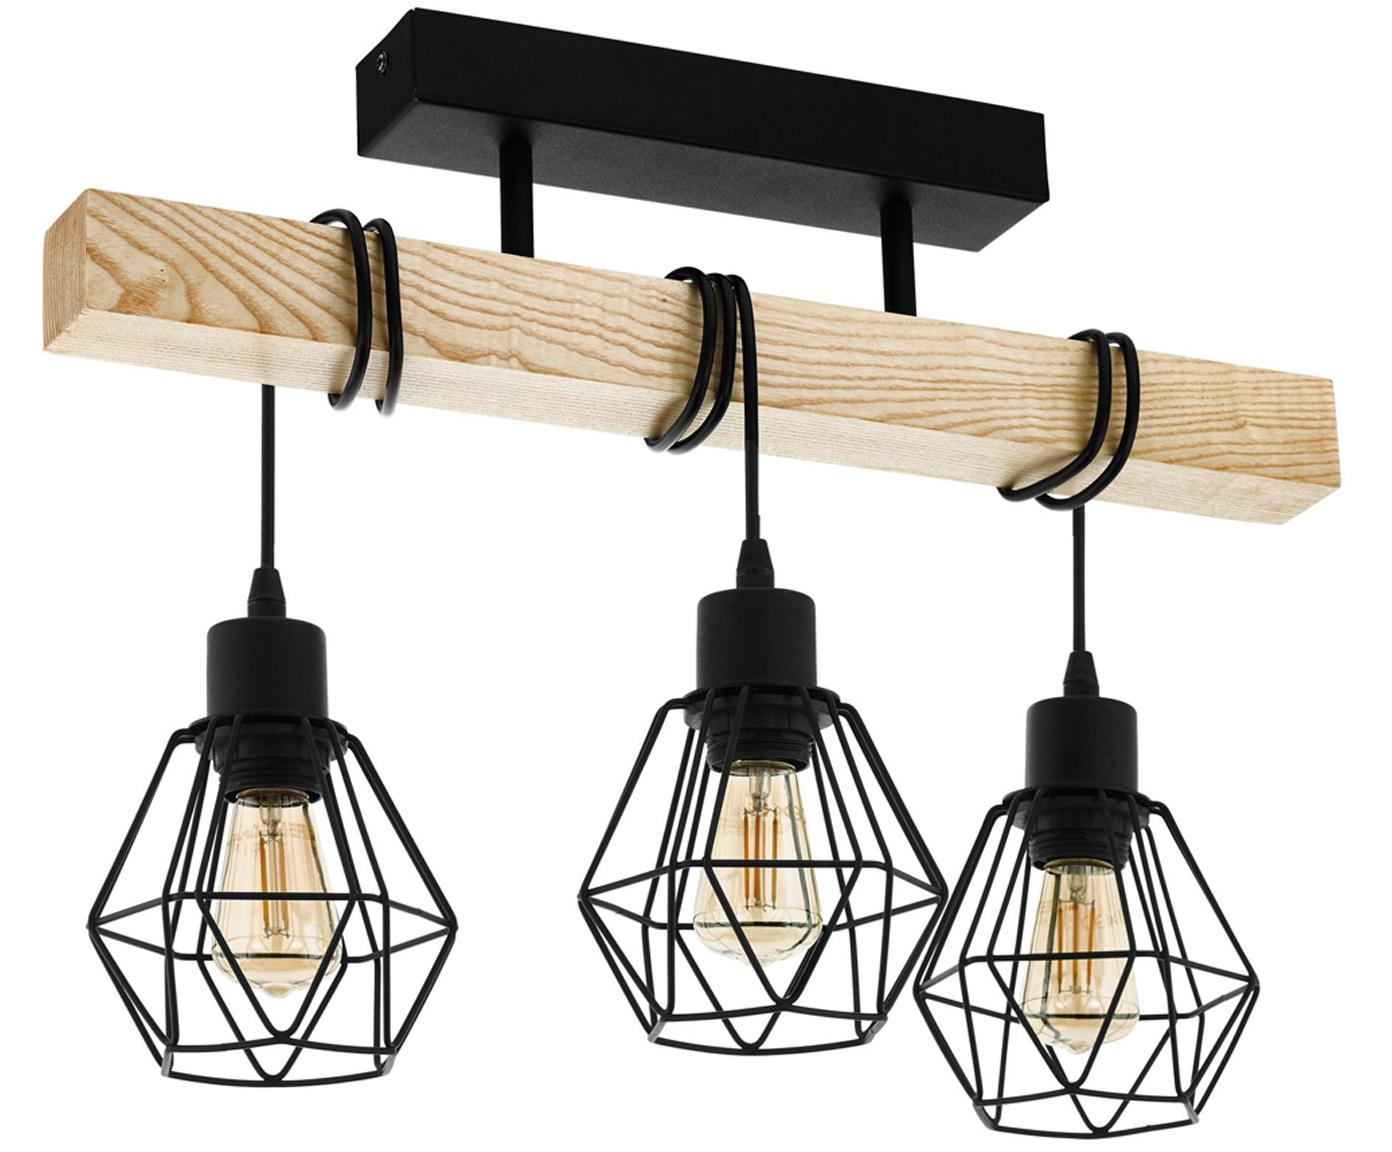 Lampa sufitowa Townshend, Czarny, drewno naturalne, S 55 x W 36 cm